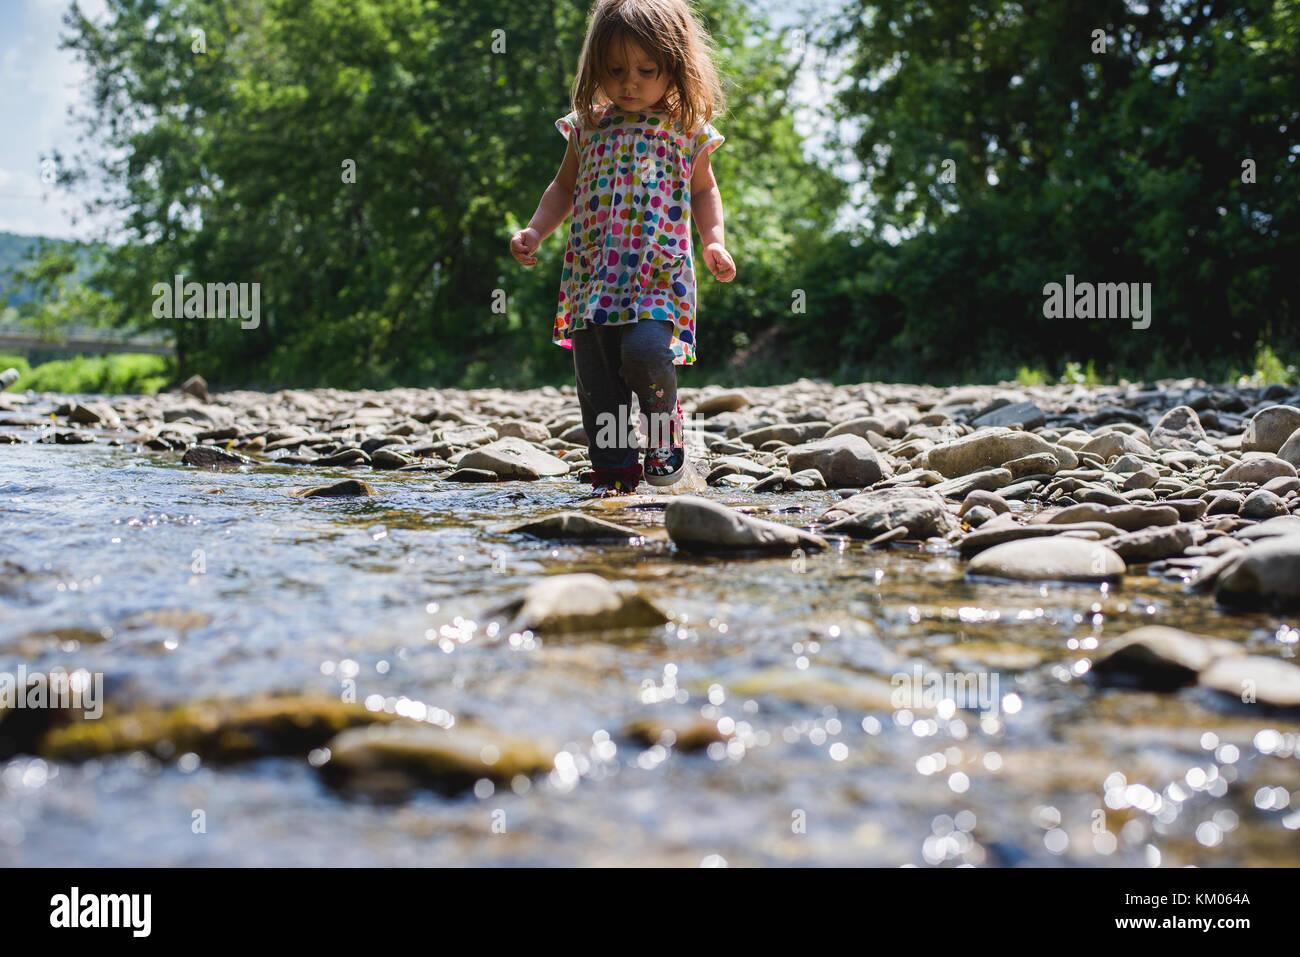 Ein kleines Mädchen steht in einem Stream auf einem sonnigen Sommertag. Stockbild